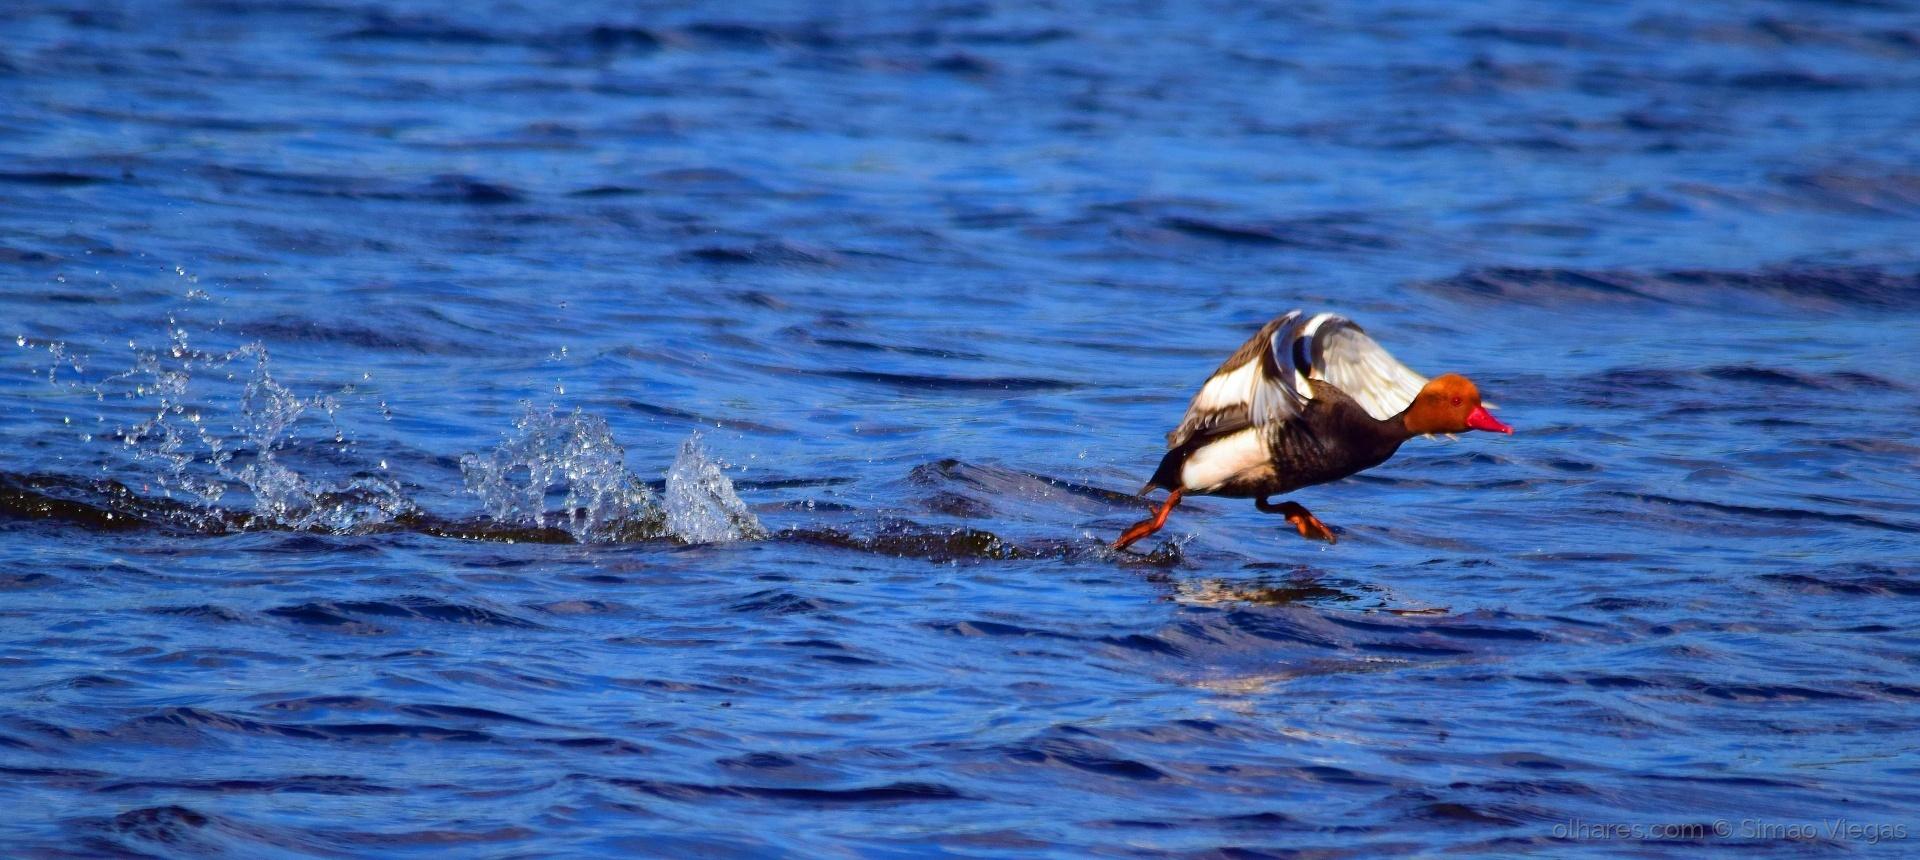 Animais/Sobre a água